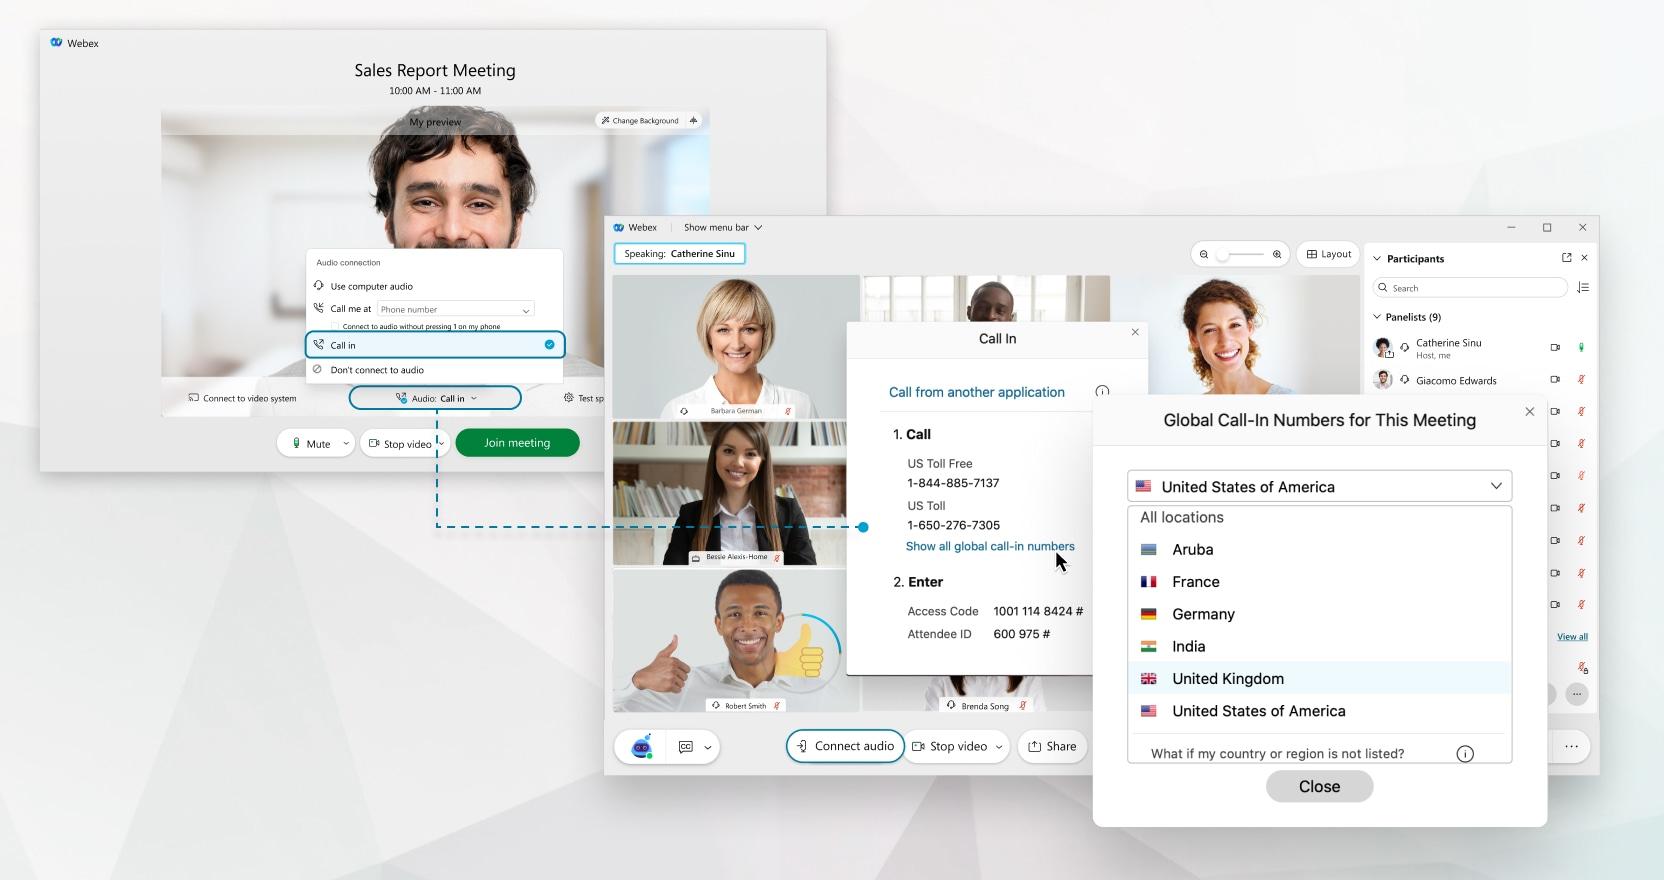 Pesquisar números de chamada de entrar global para reuniões e eventos